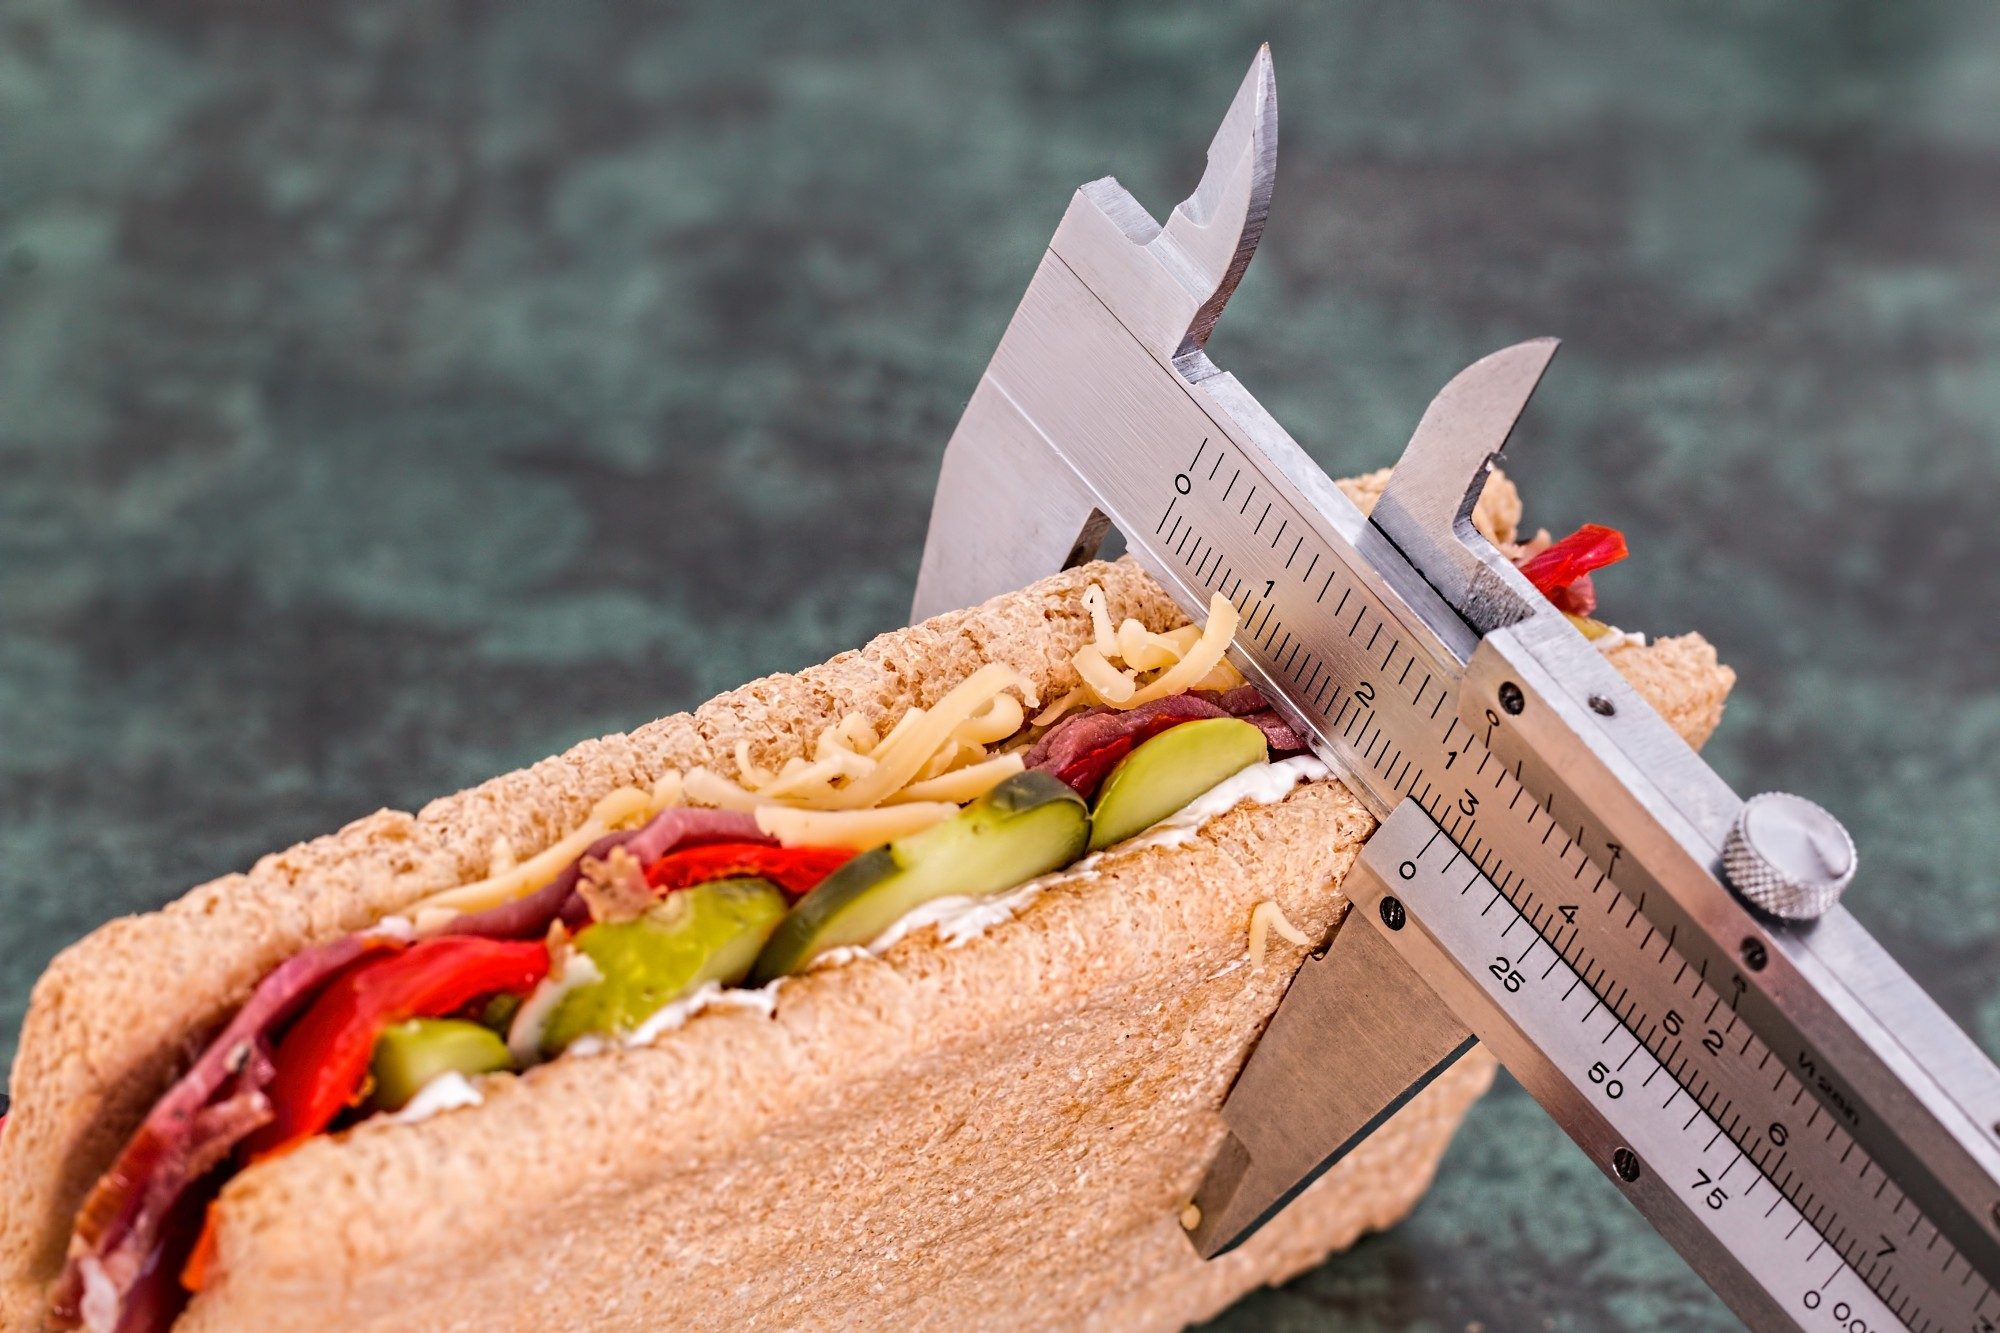 Pusaudži ar lieko svaru bez maksas var apgūt veselīga dzīvesveida prasmes